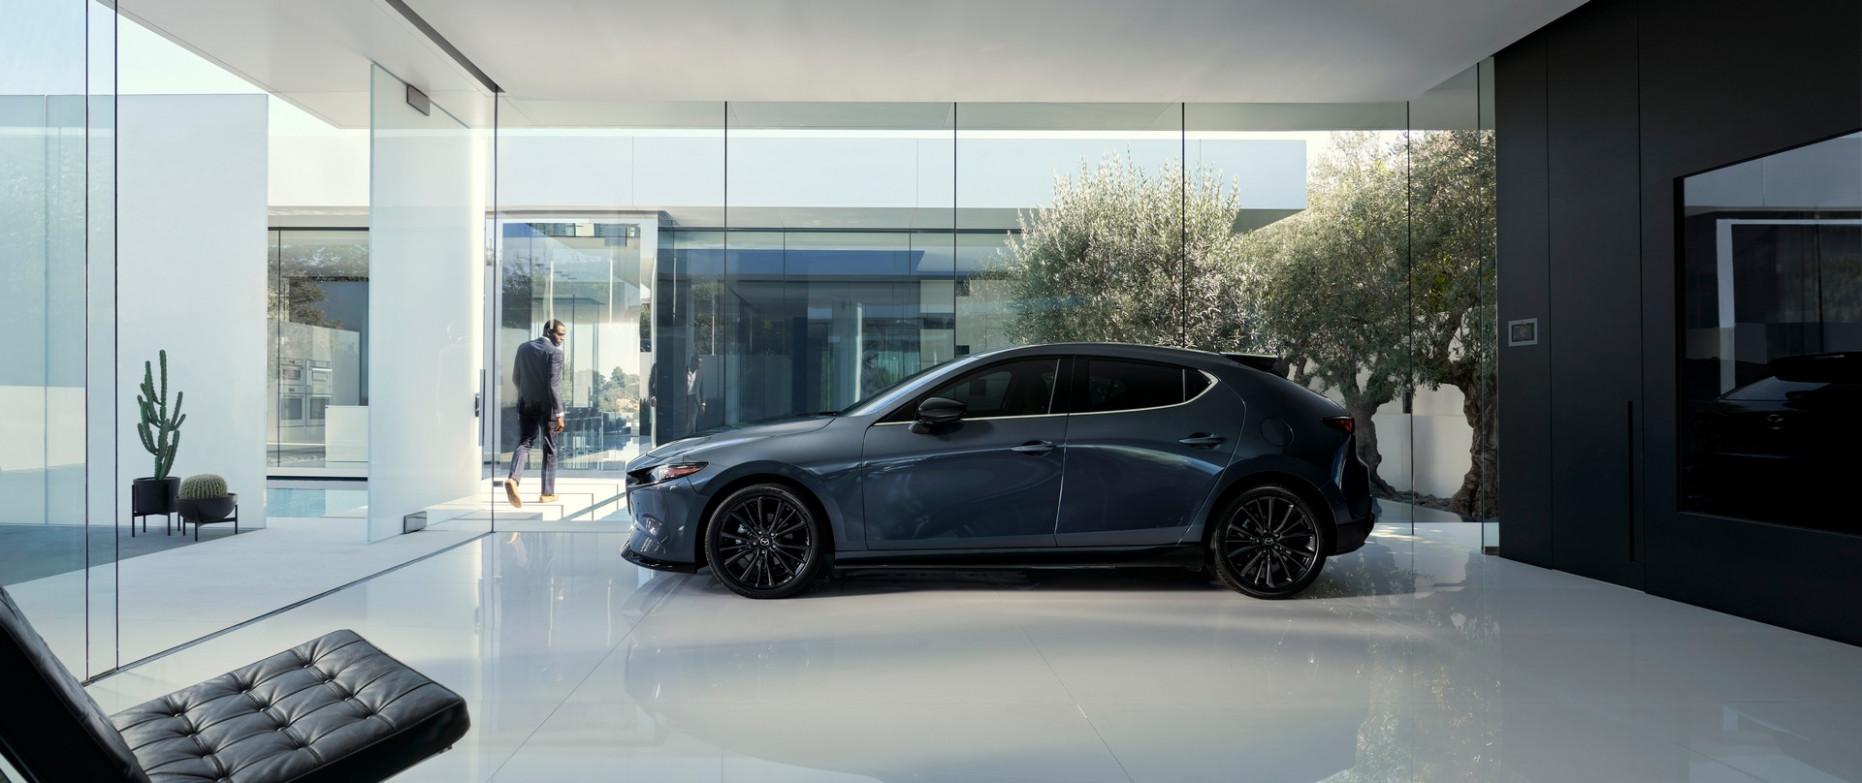 New Review 2022 Mazda 3 Turbo